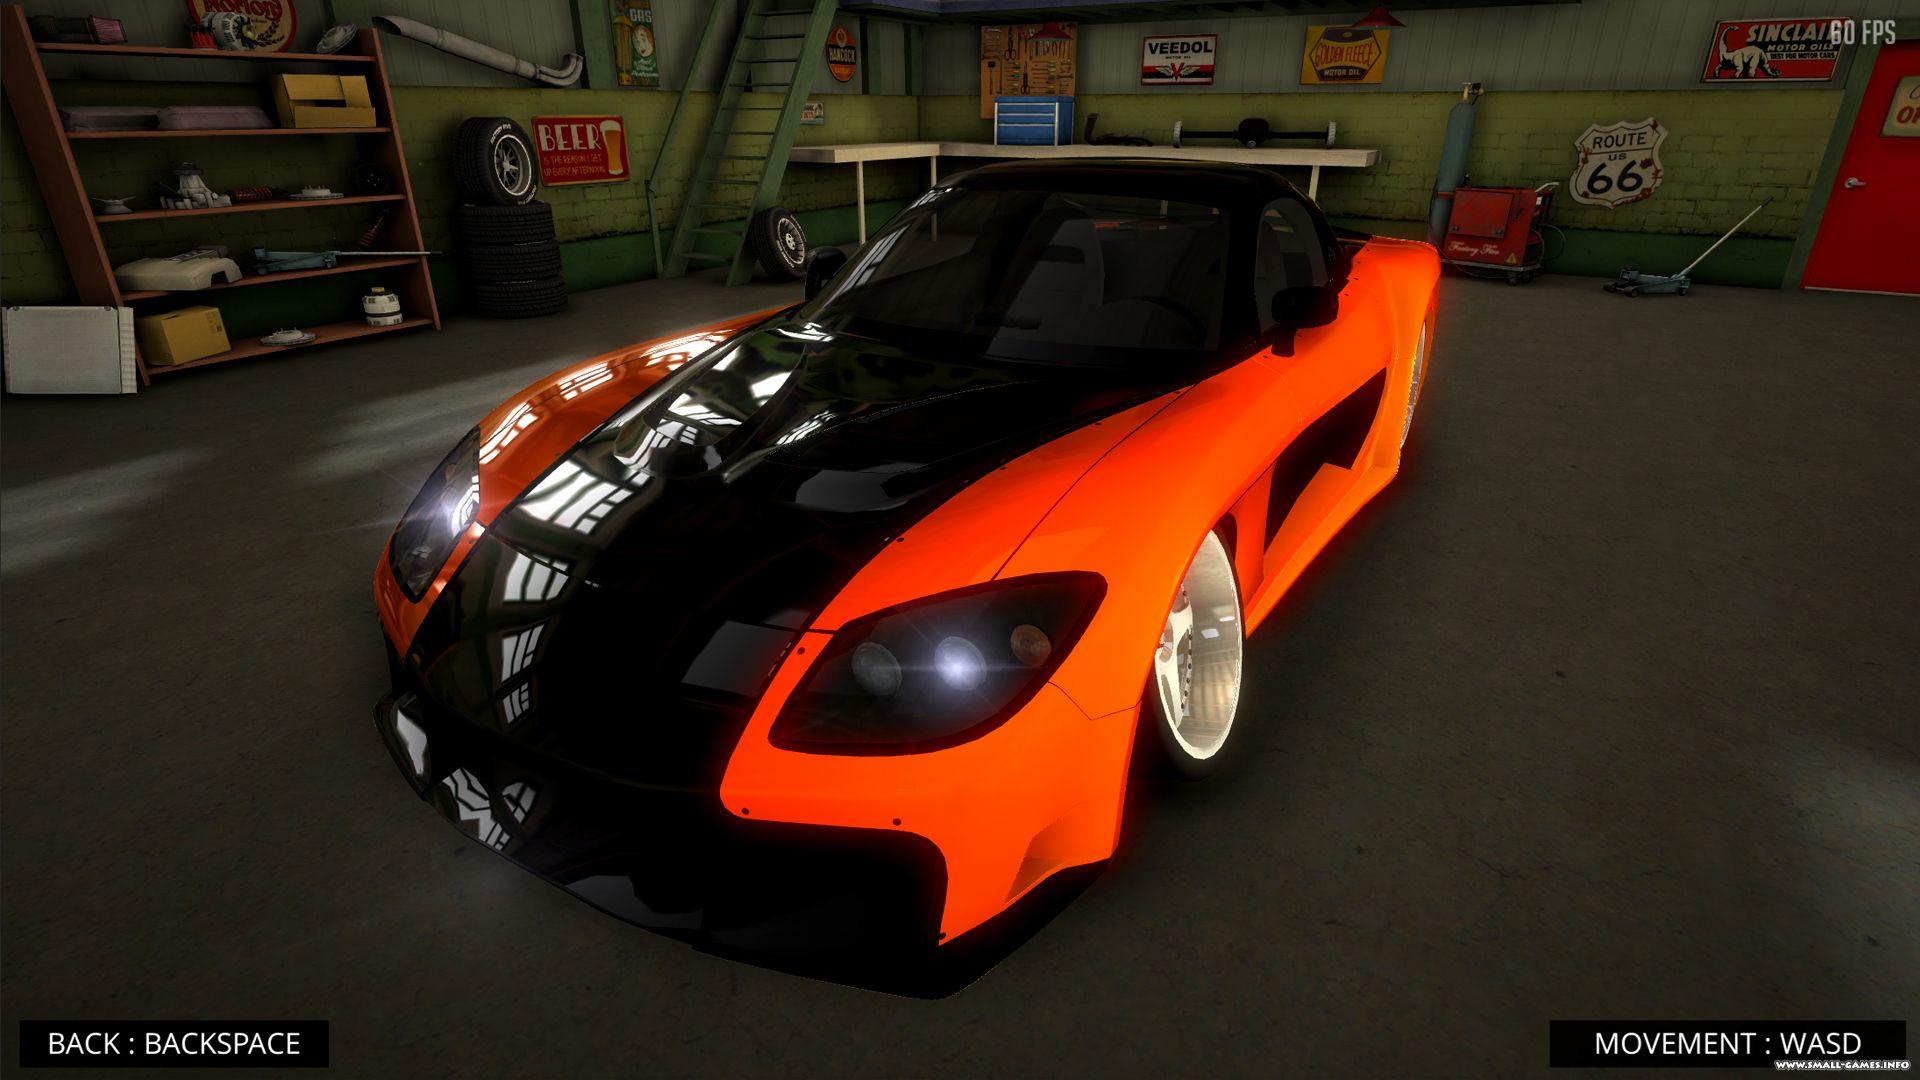 скачать игру carx drift racing с кешем